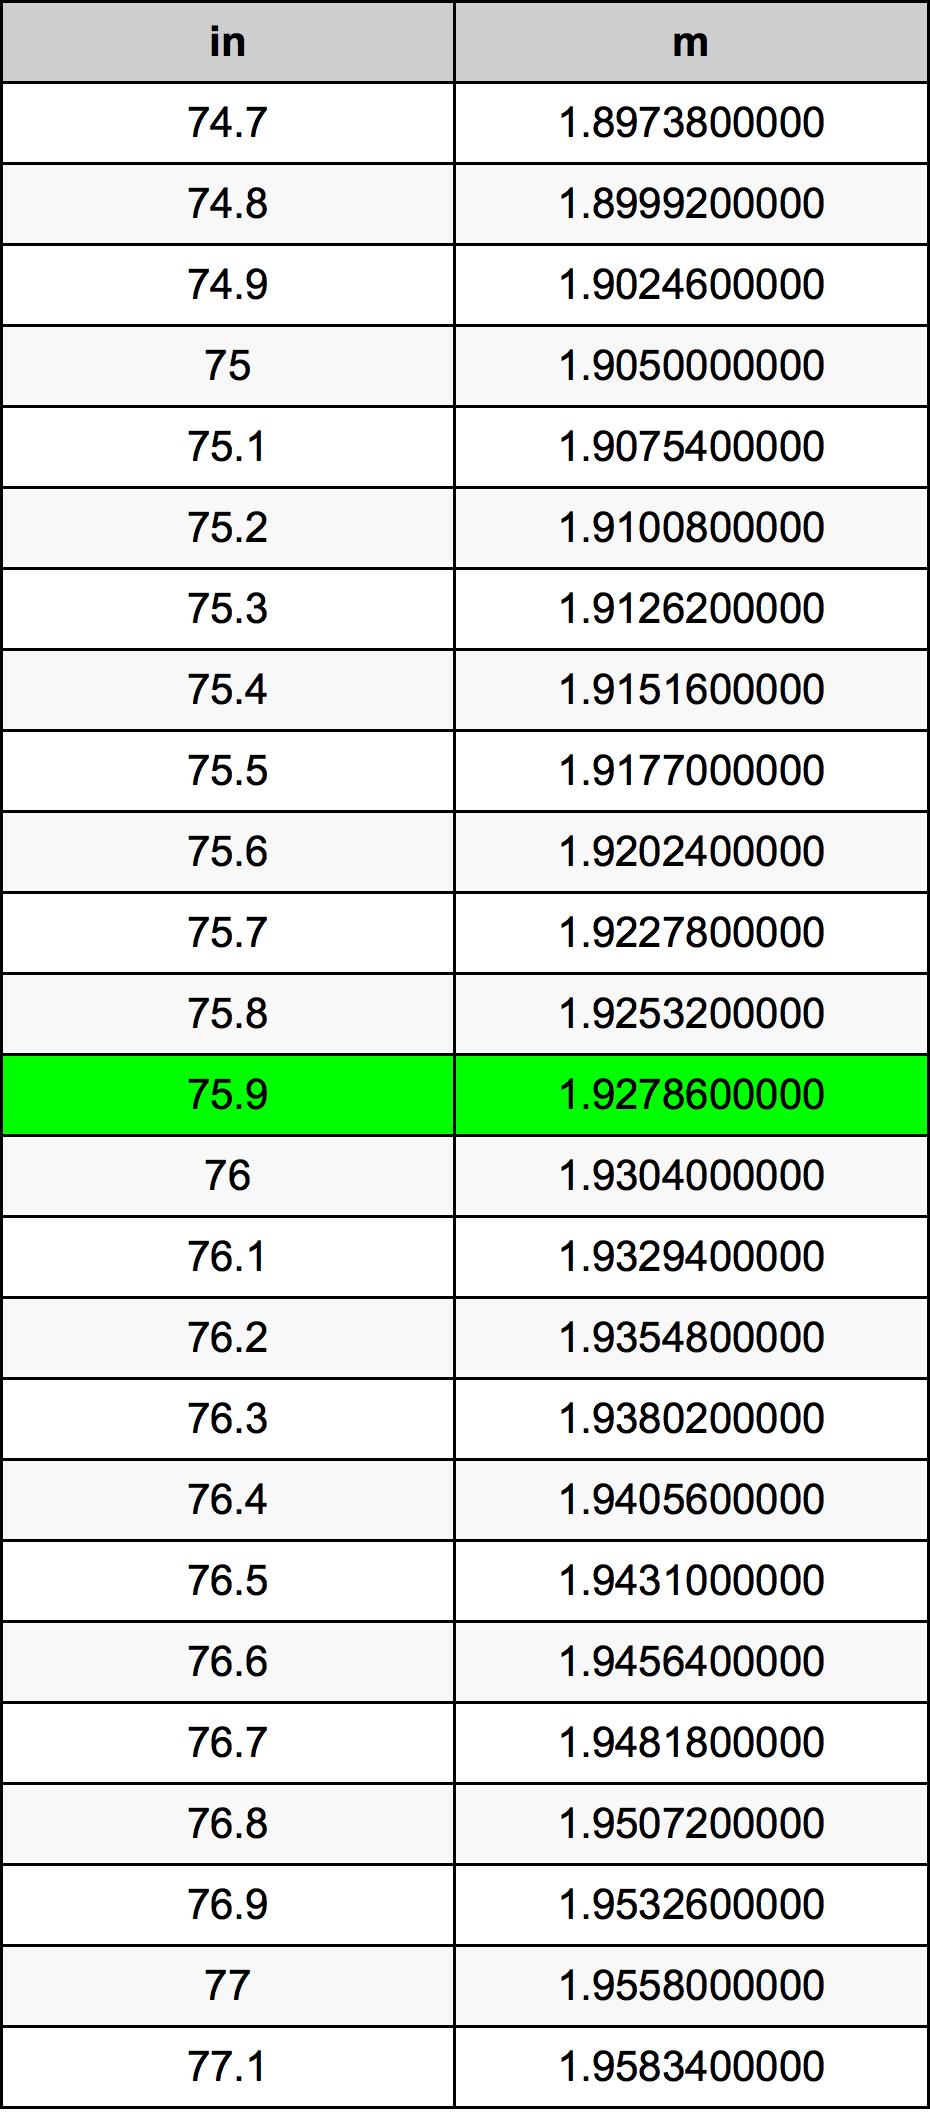 75.9 بوصة جدول تحويل